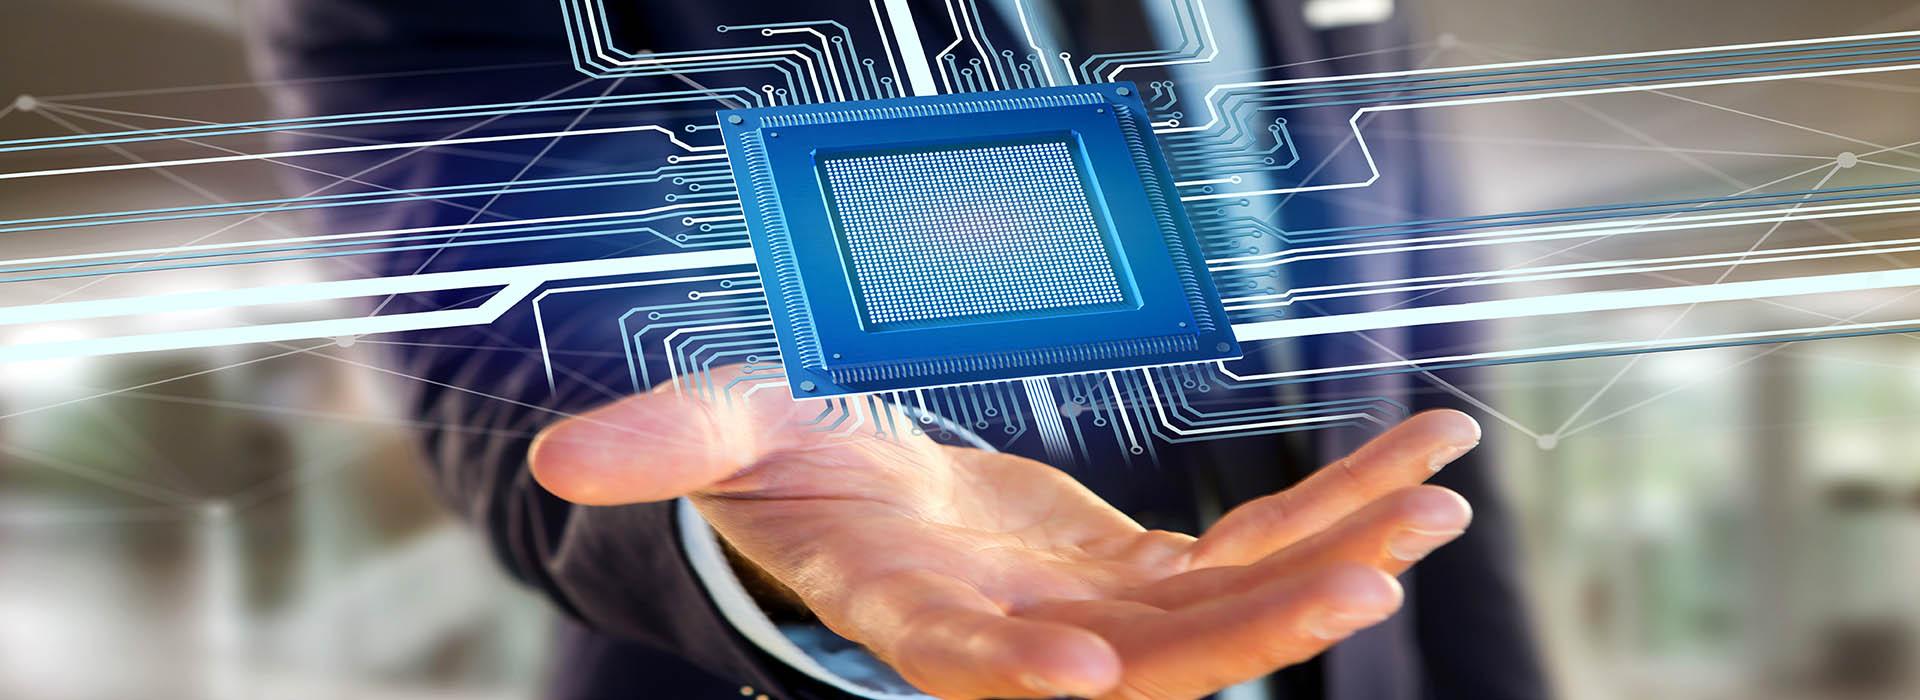 Leiterplatten, Microchip, Lohngurtung - Mble Lohngurtservice